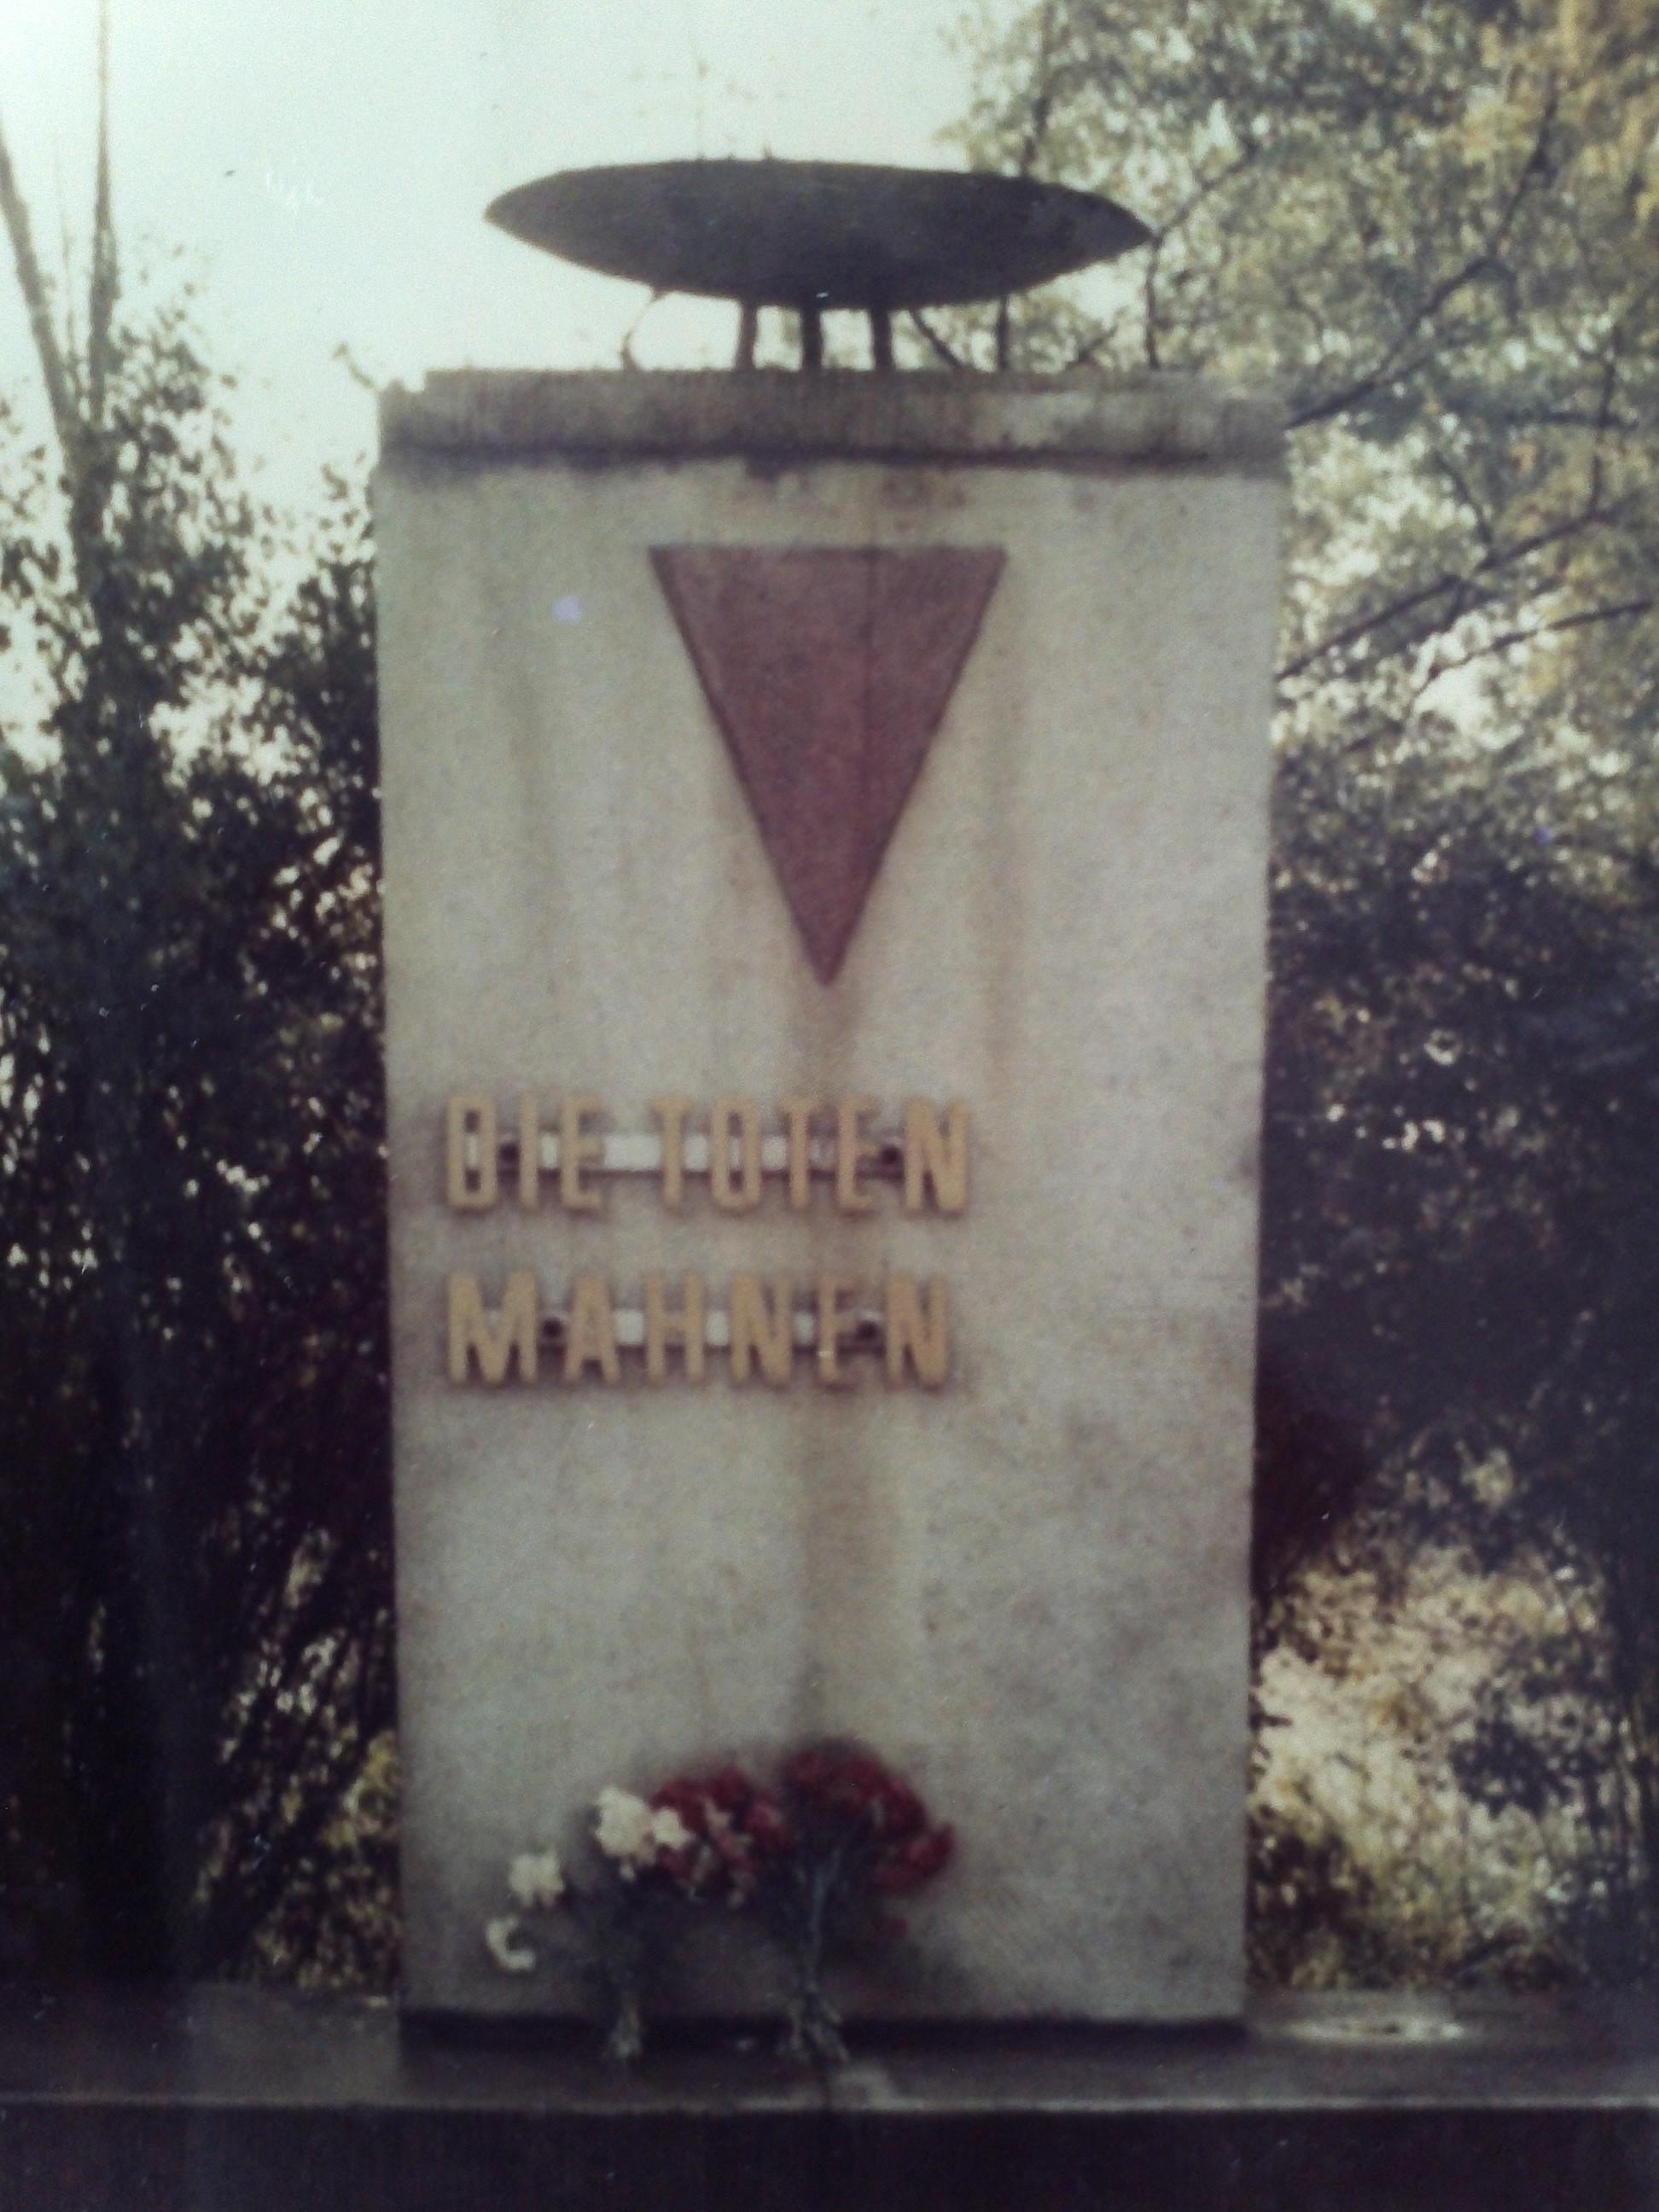 <a id='anker8' href='https://versteckte-geschichte-markkleeberg.de/quellenverzeichnis#erinnerungs-und-gedenkkultur8' target='_new'>Abb. 1: Denkmal am Rathausplatz <br /> im ursprünglichen Zustand</a>